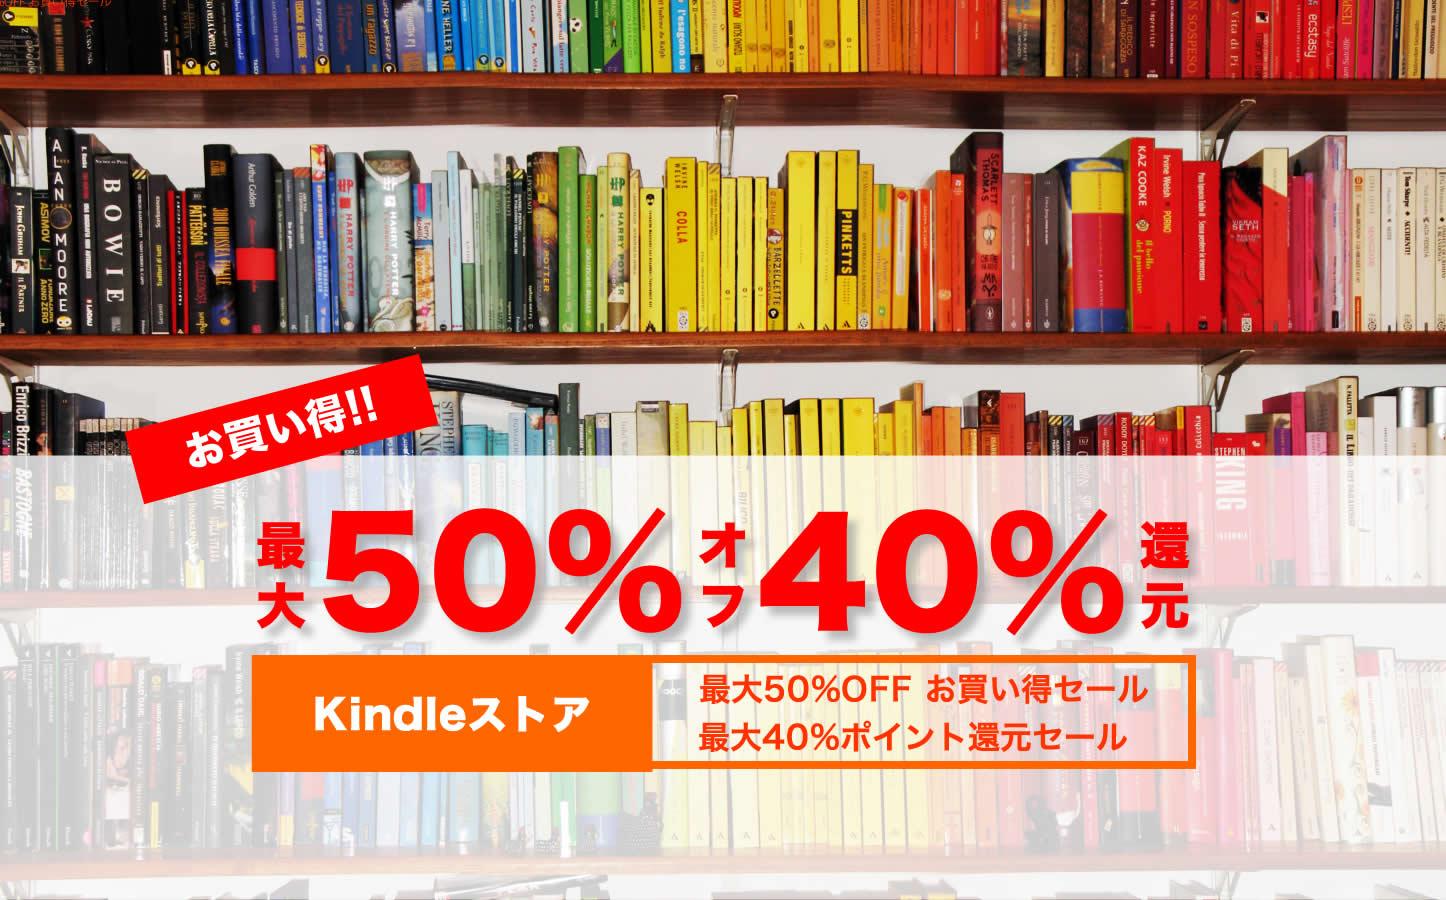 50%オフ・40%ポイント還元